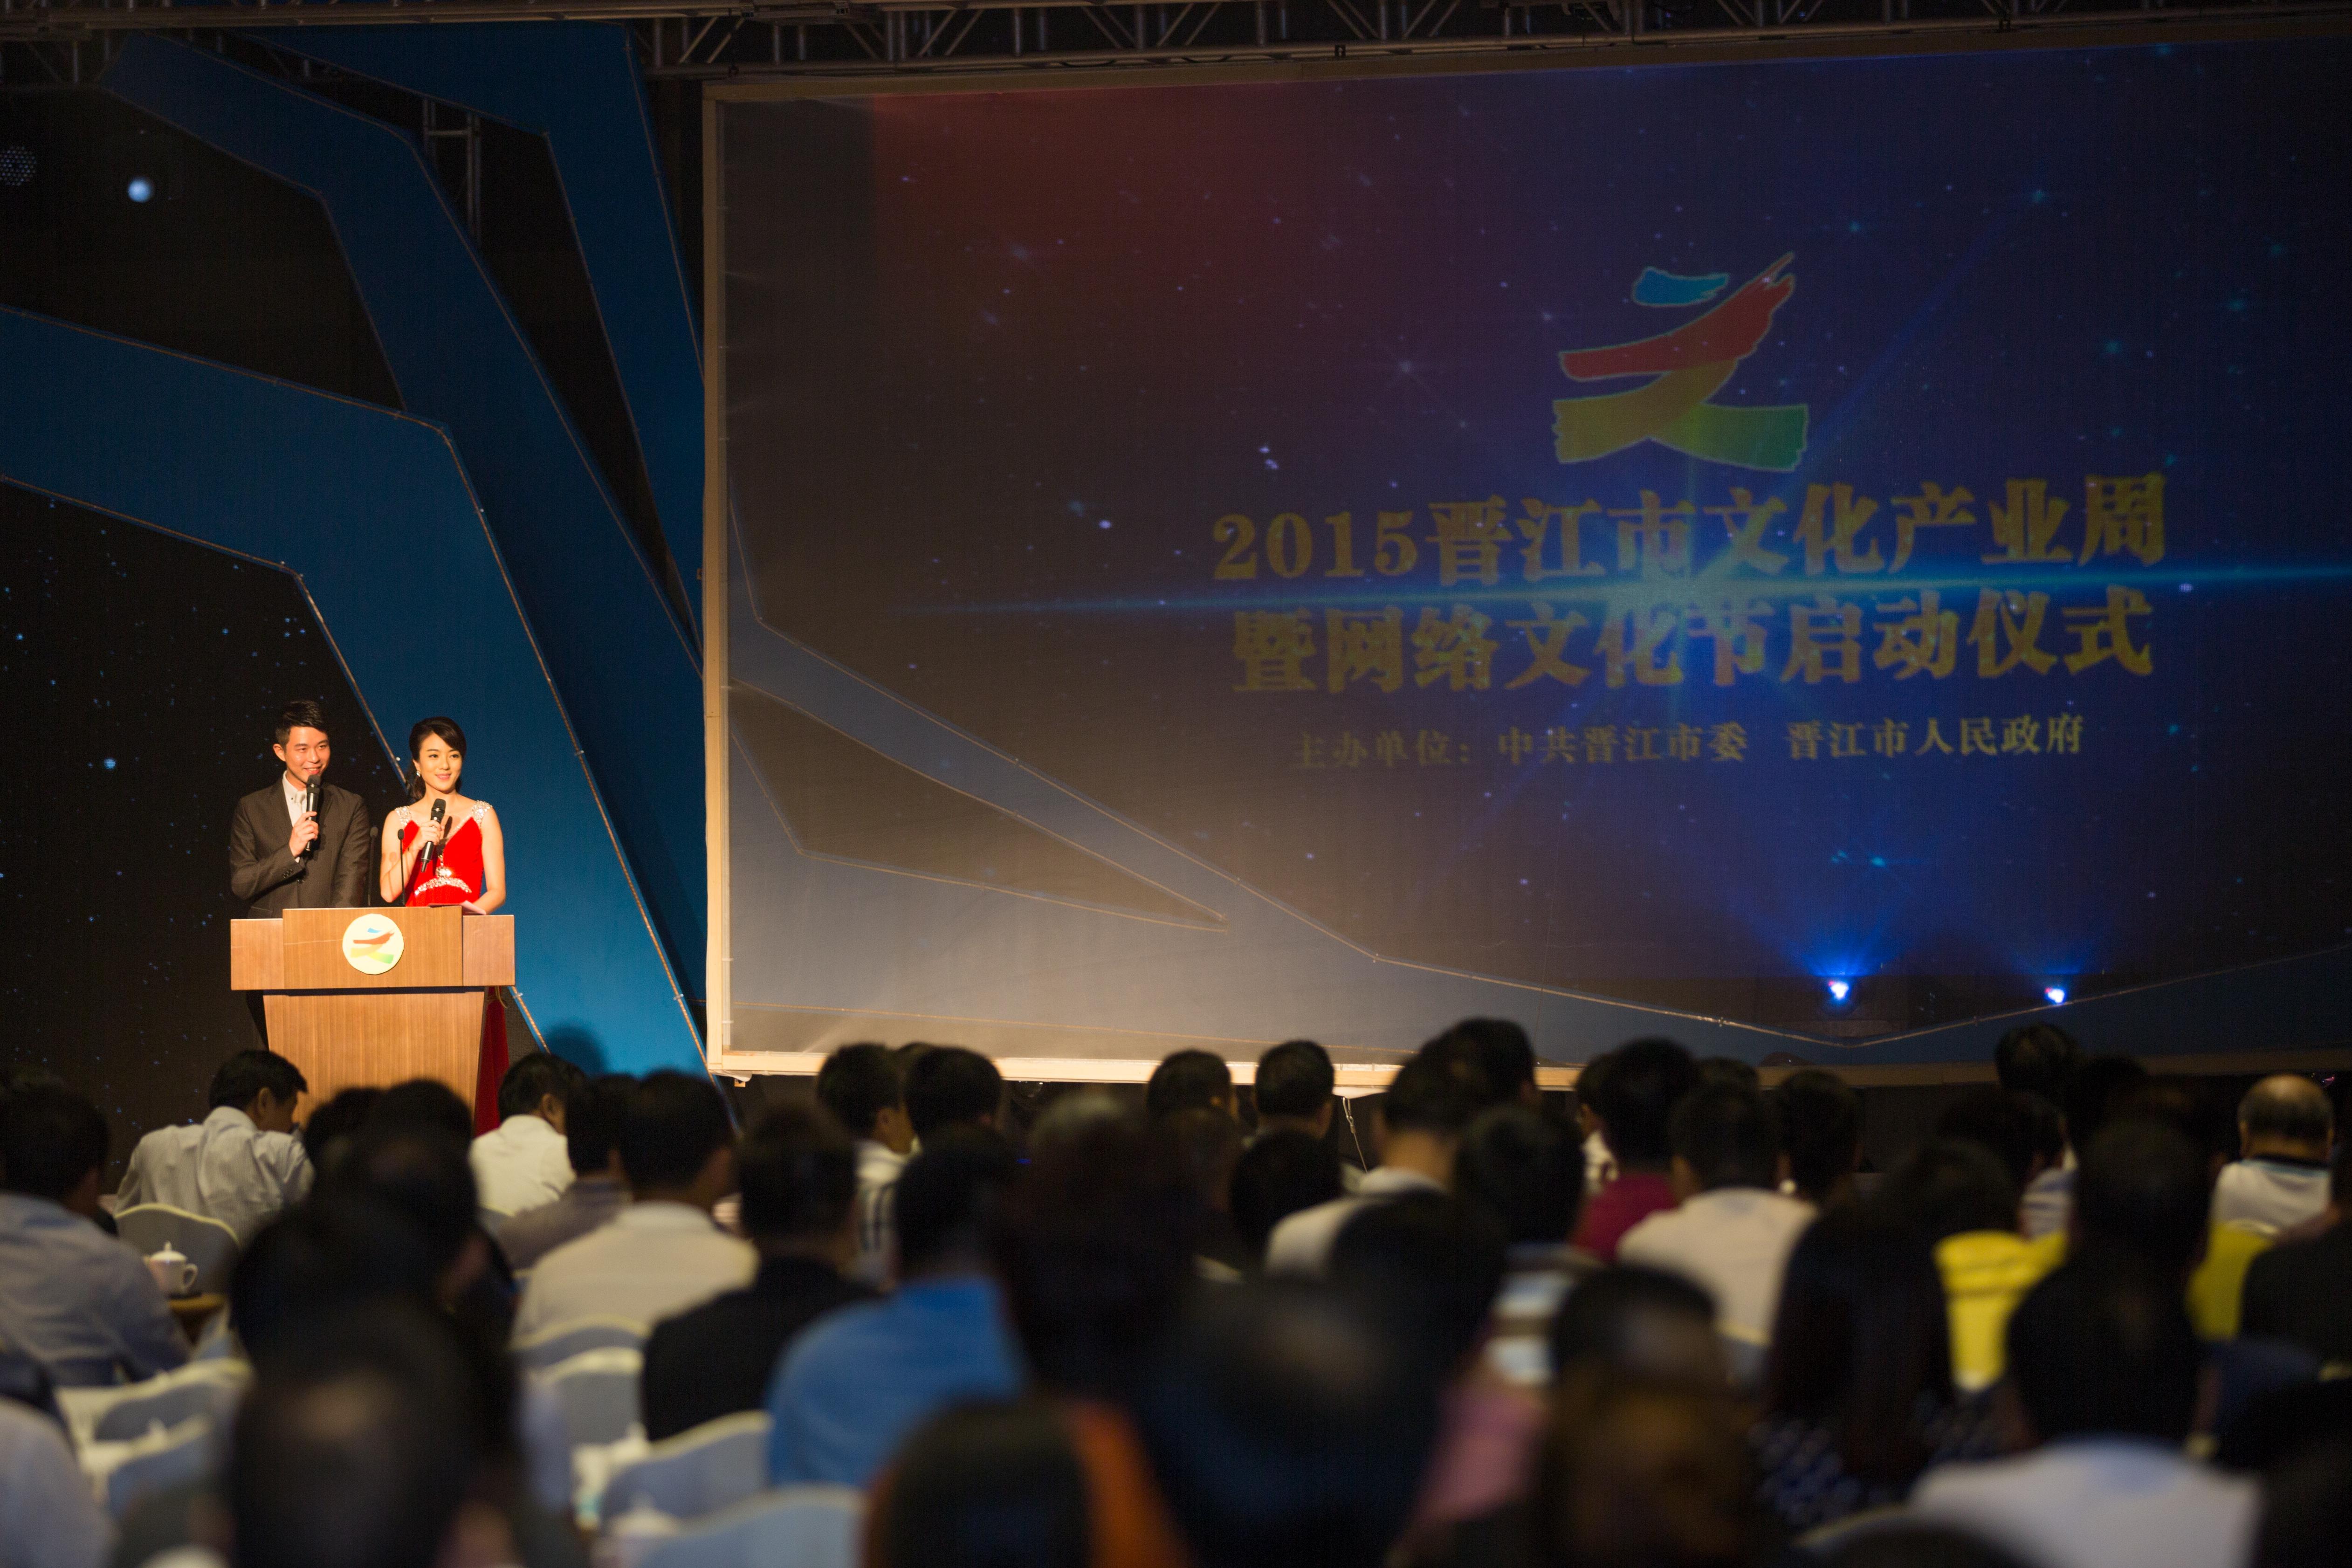 2015年晋江市文化产业周暨网络文化节启动仪式